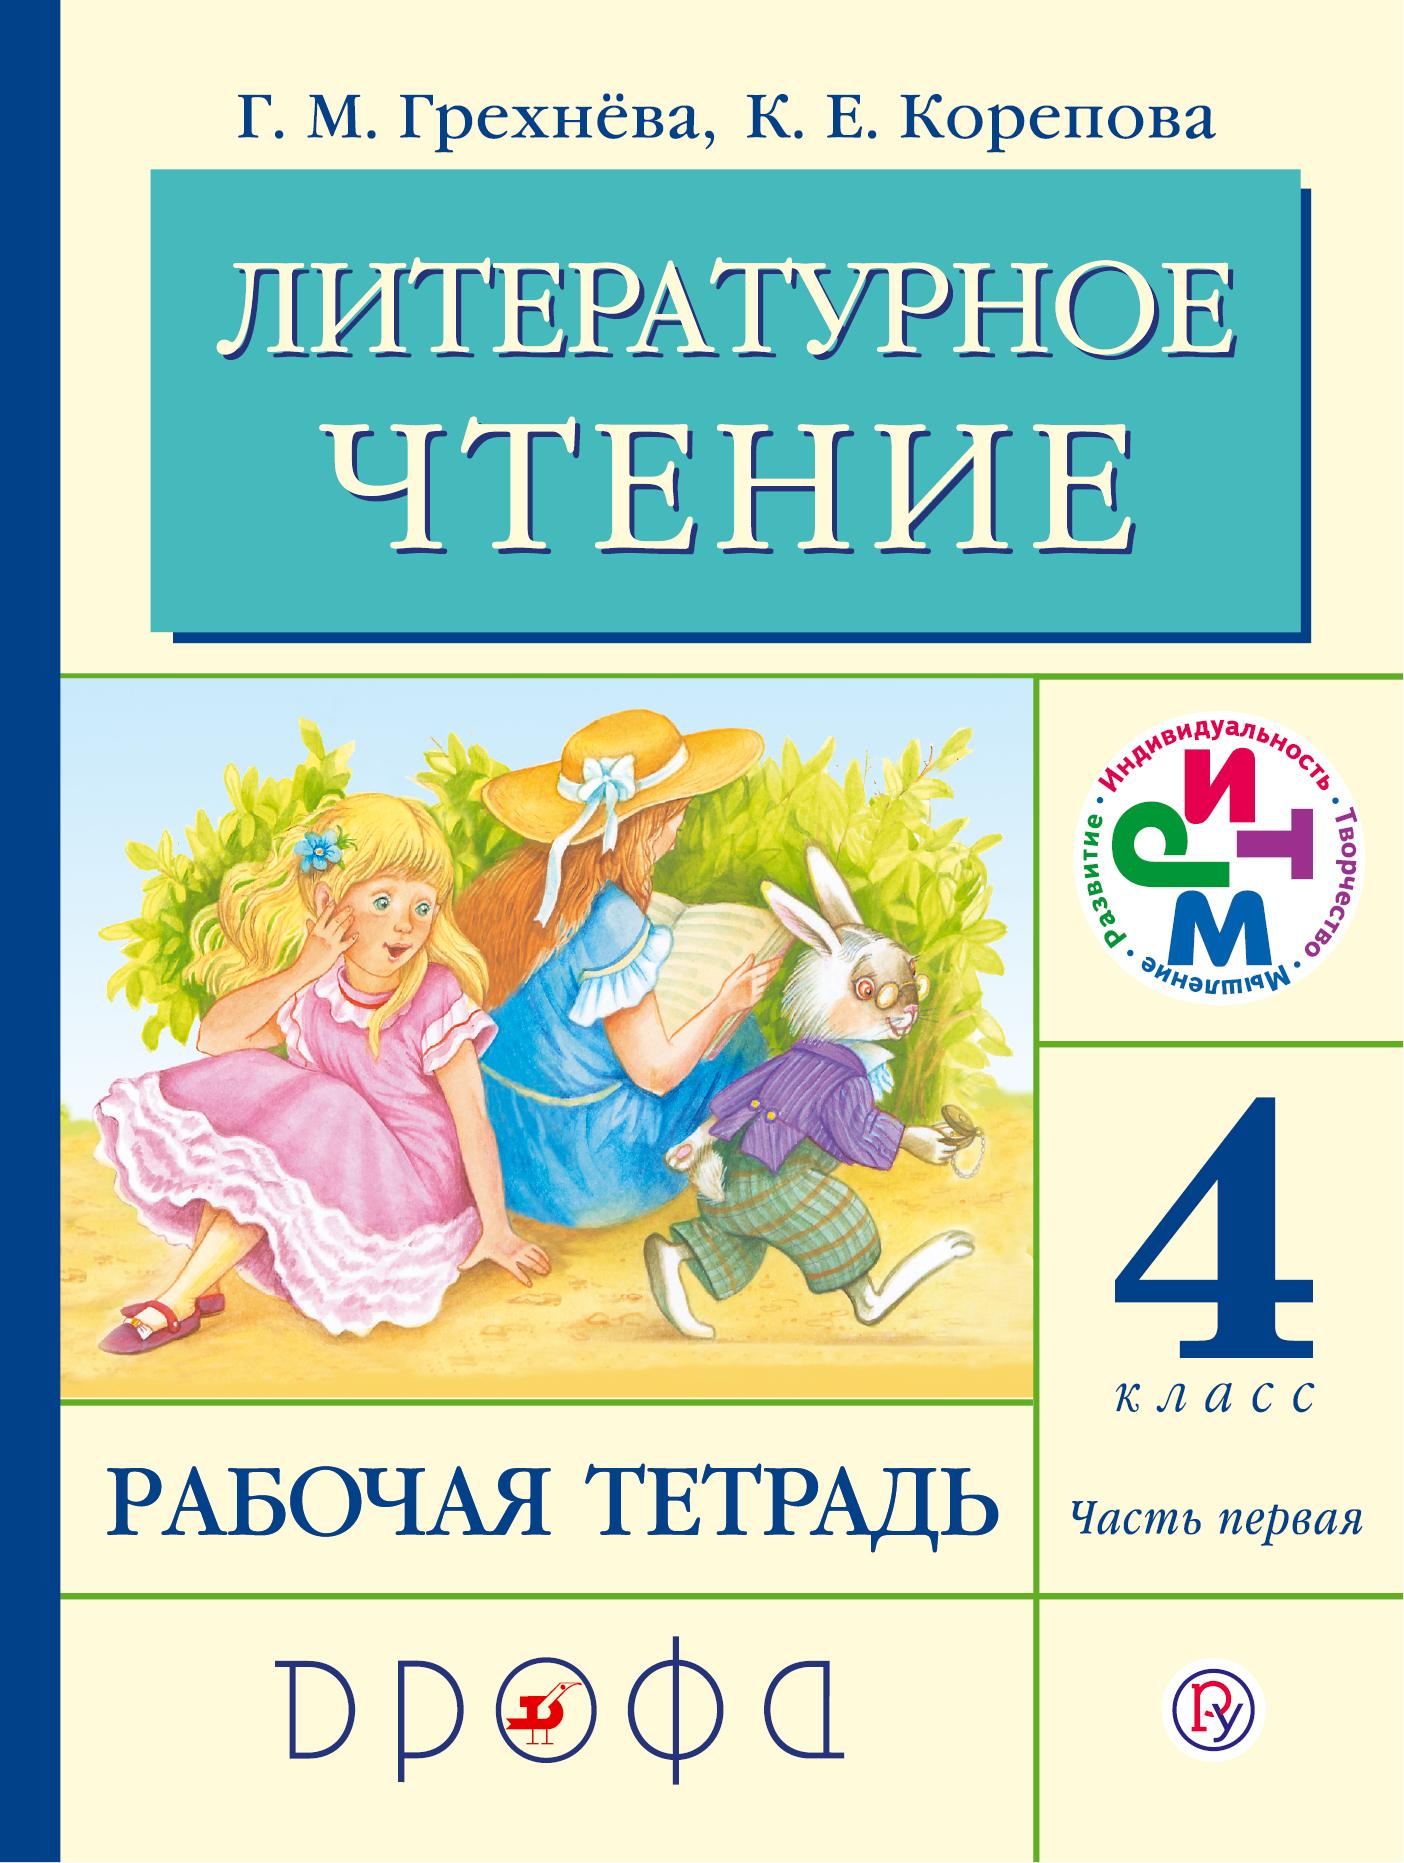 Грехнева Г.М., Корепова К.Е. Литературное чтение. 4 кл. Рабочая тетрадь. Часть 1. РИТМ учебники дрофа литературное чтение 4 кл рабочая тетрадь часть 2 ритм